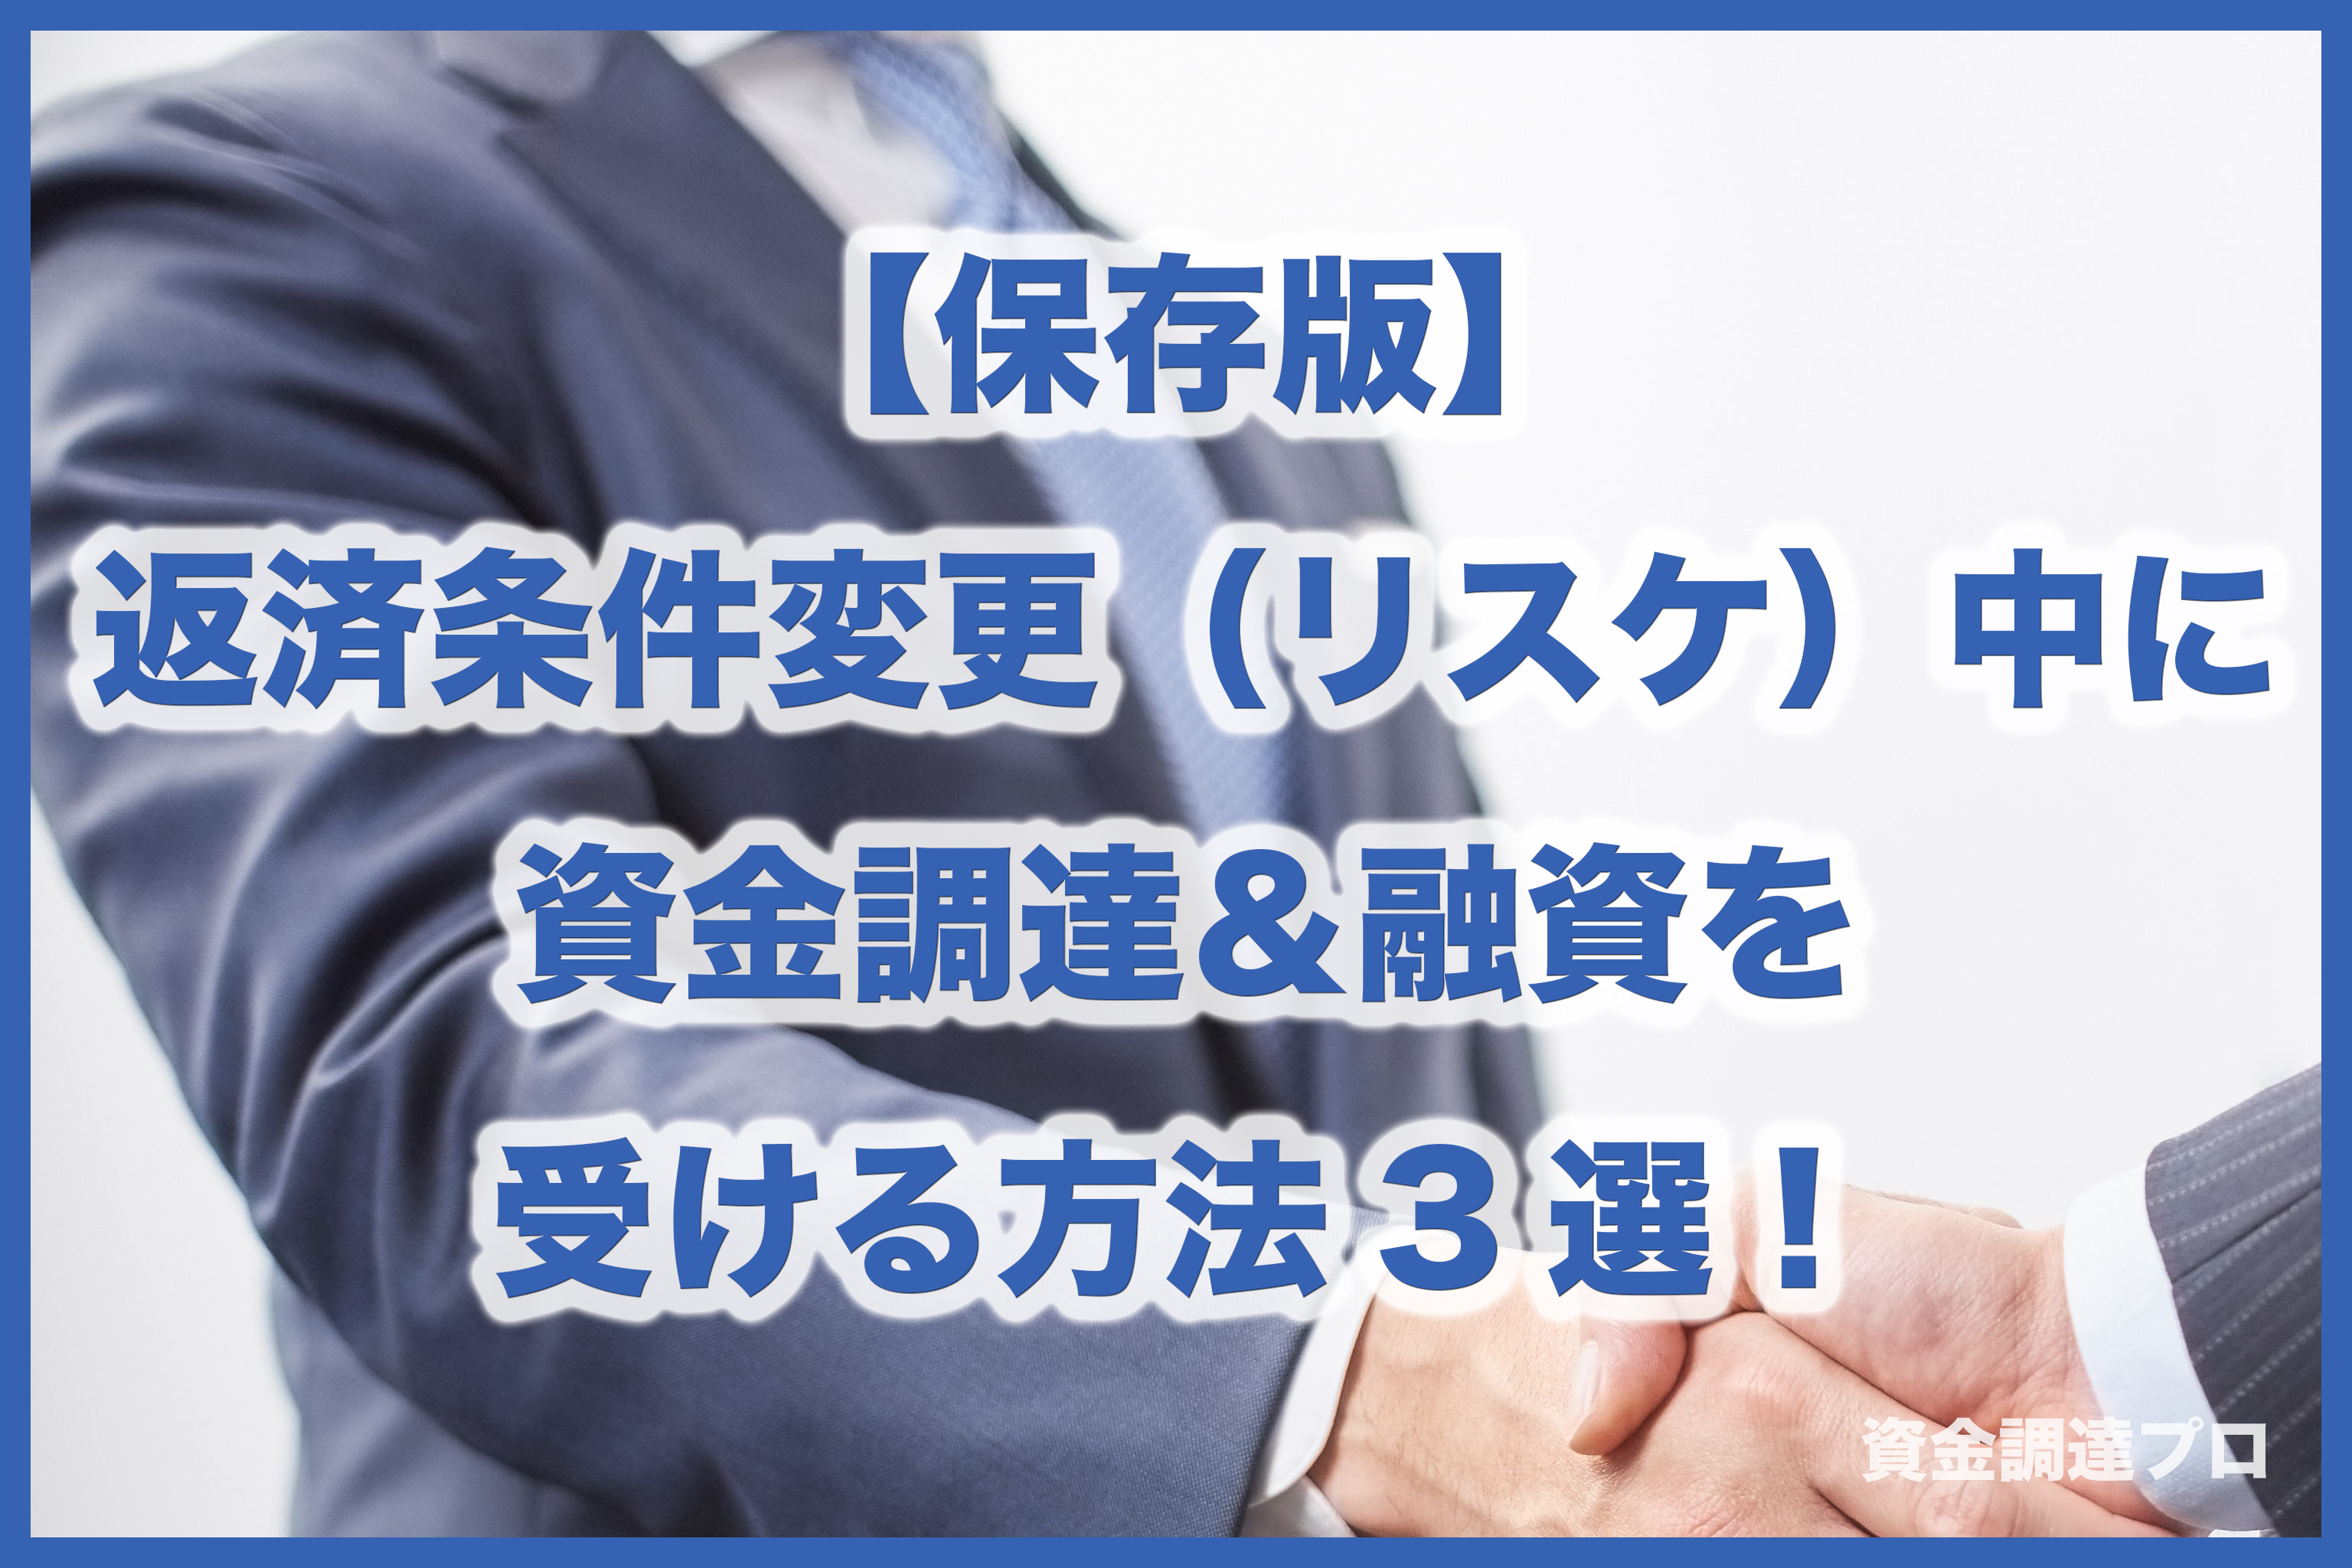 【2021年最新ver】返済条件変更(リスケジュール)中に資金調達&融資を受ける方法3選!